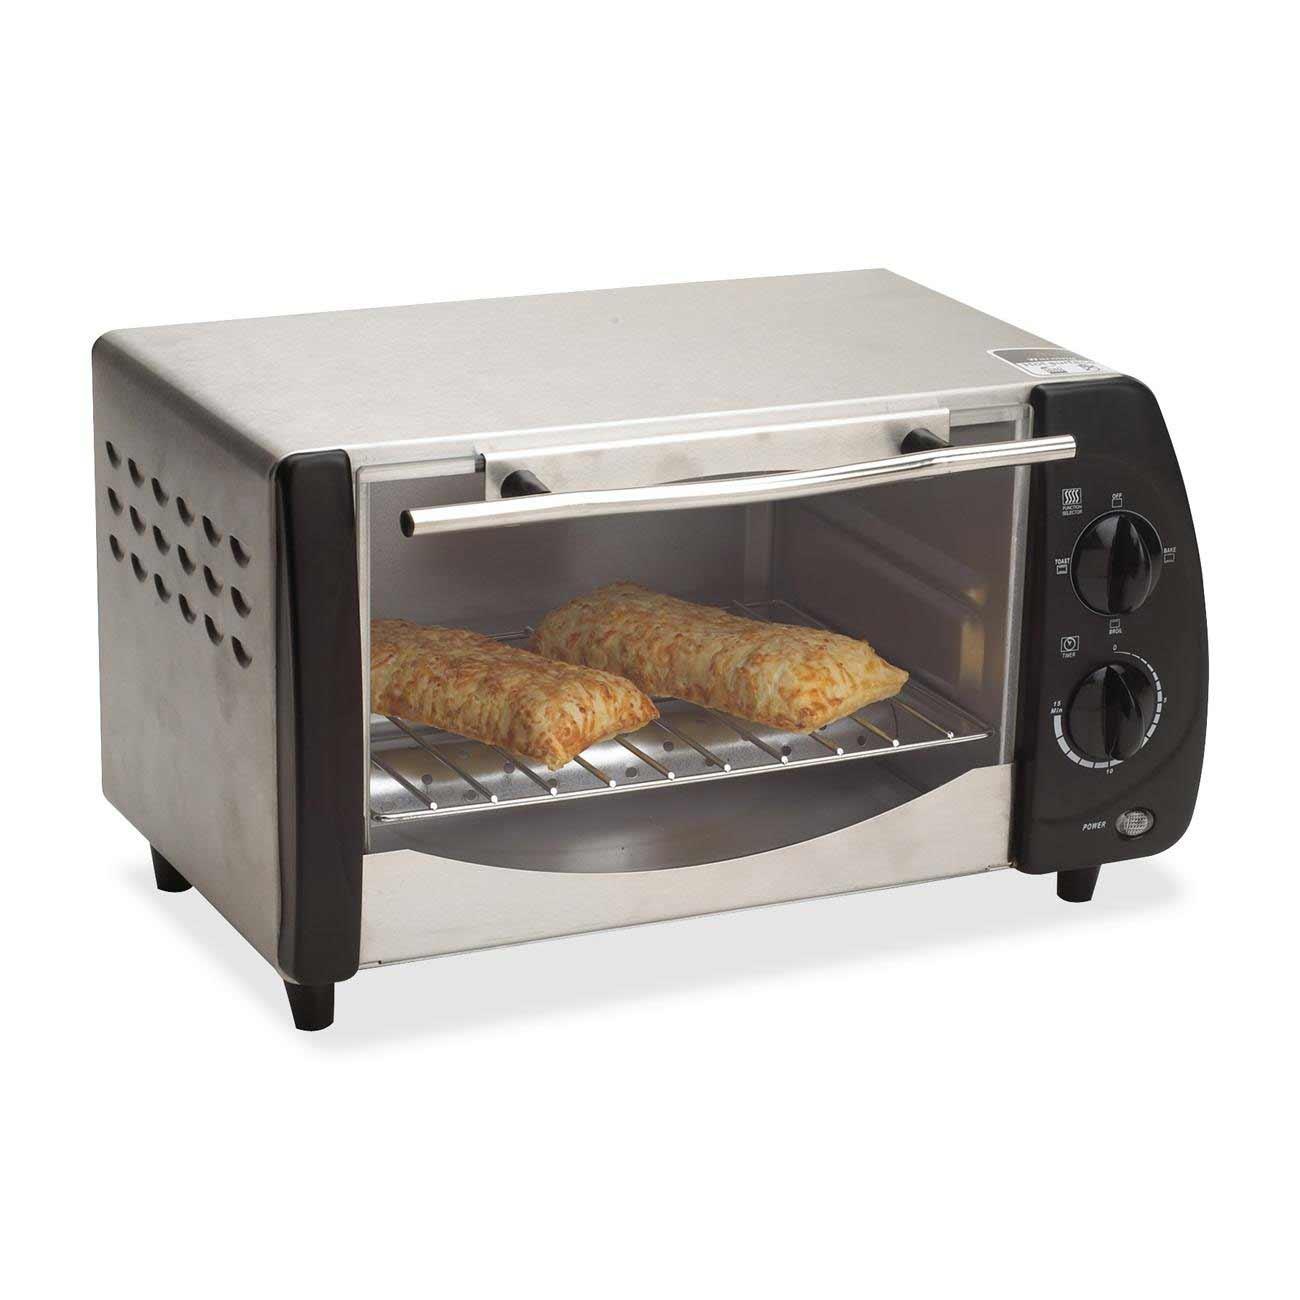 Avanti AVAT9 Best Small Toaster Oven